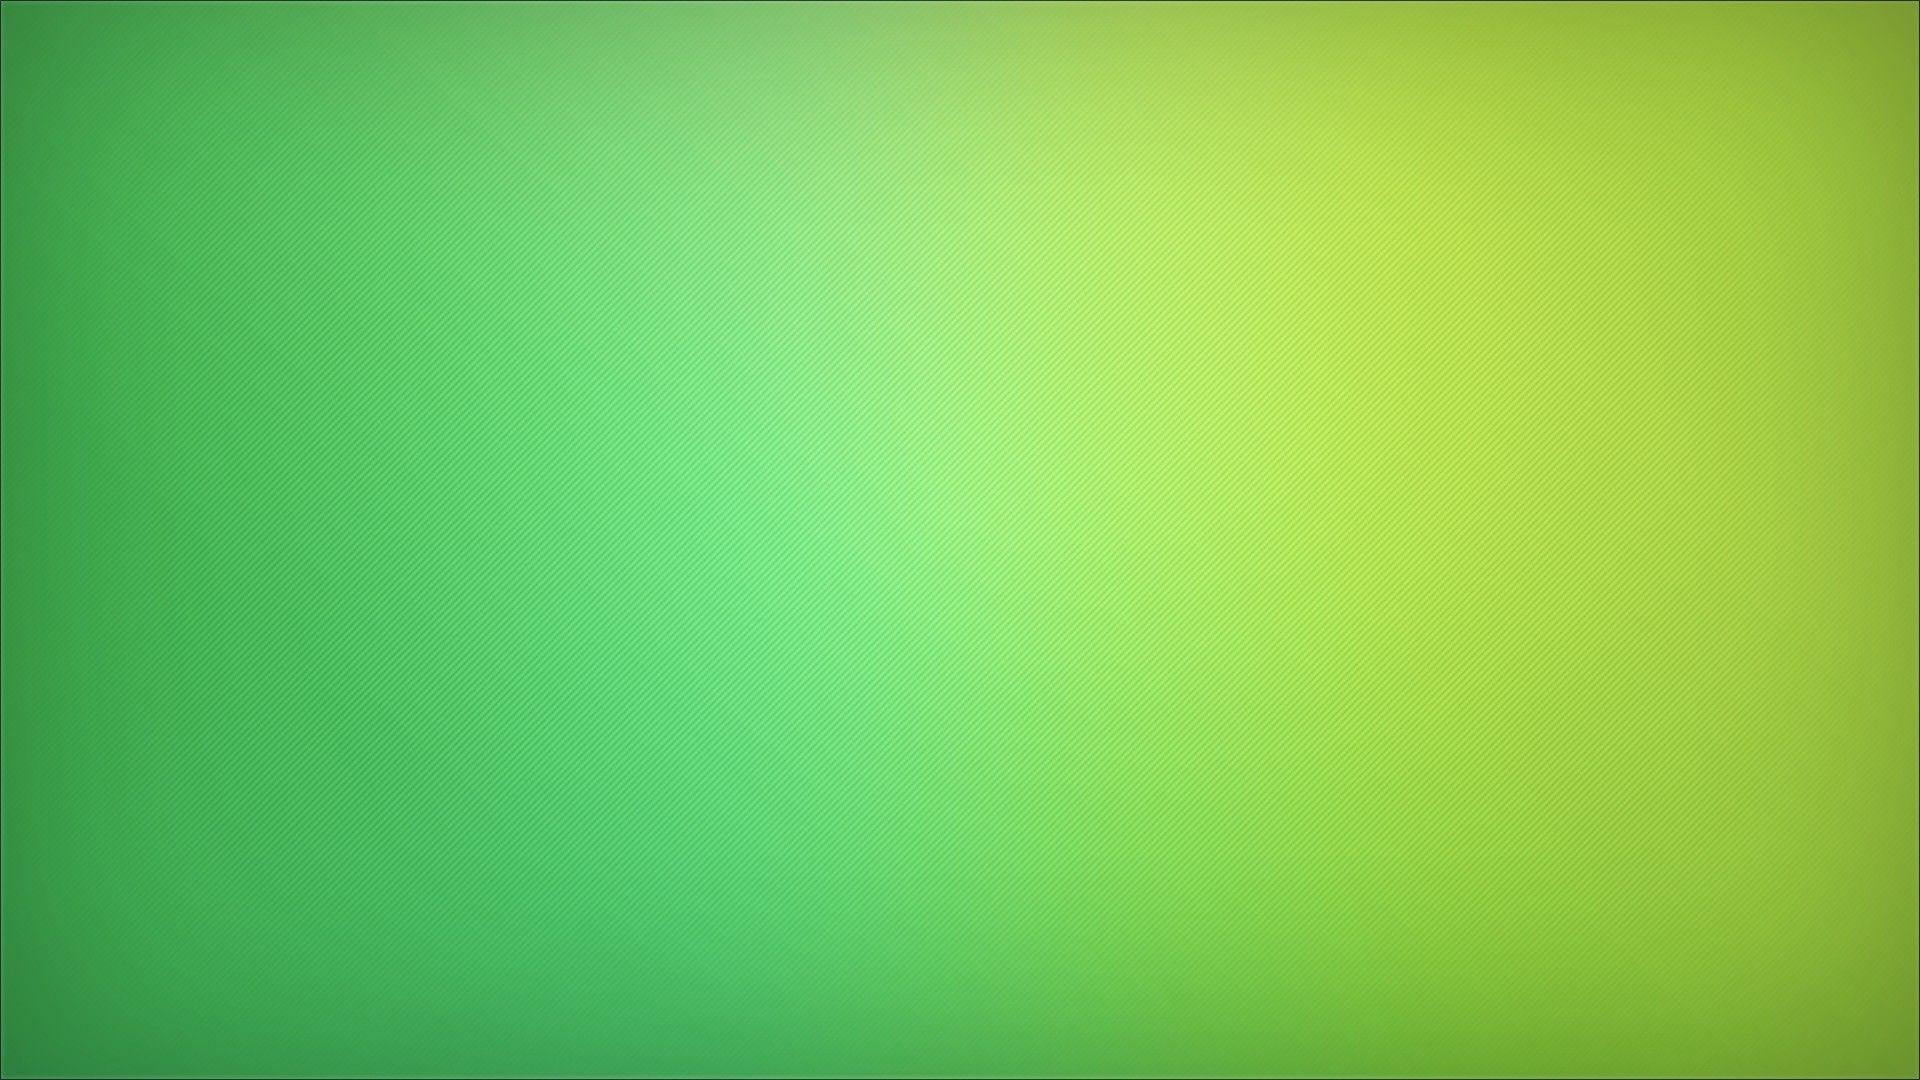 Fondos Abstractos Verdes Para Fondo Celular En Hd 15 HD